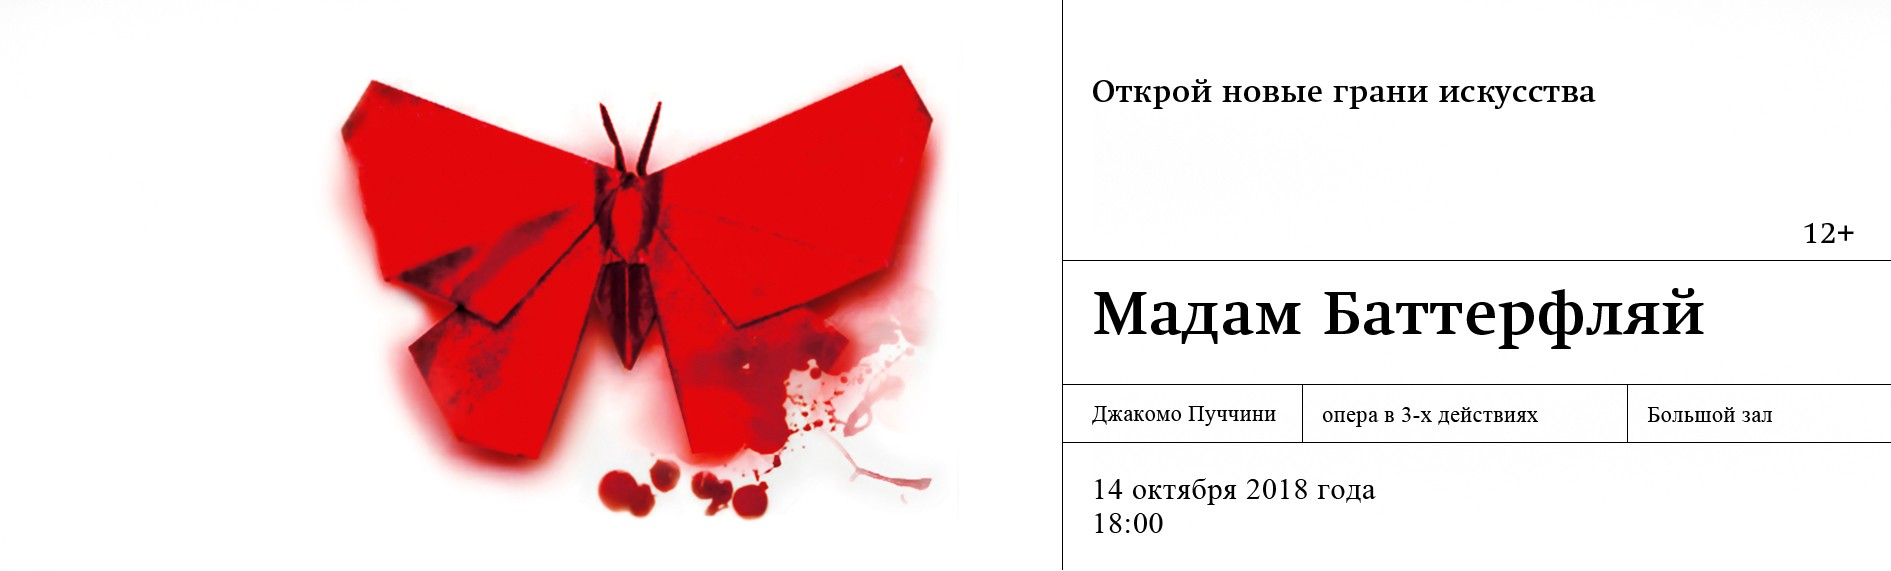 """Опера """"Мадам Баттерфляй"""""""